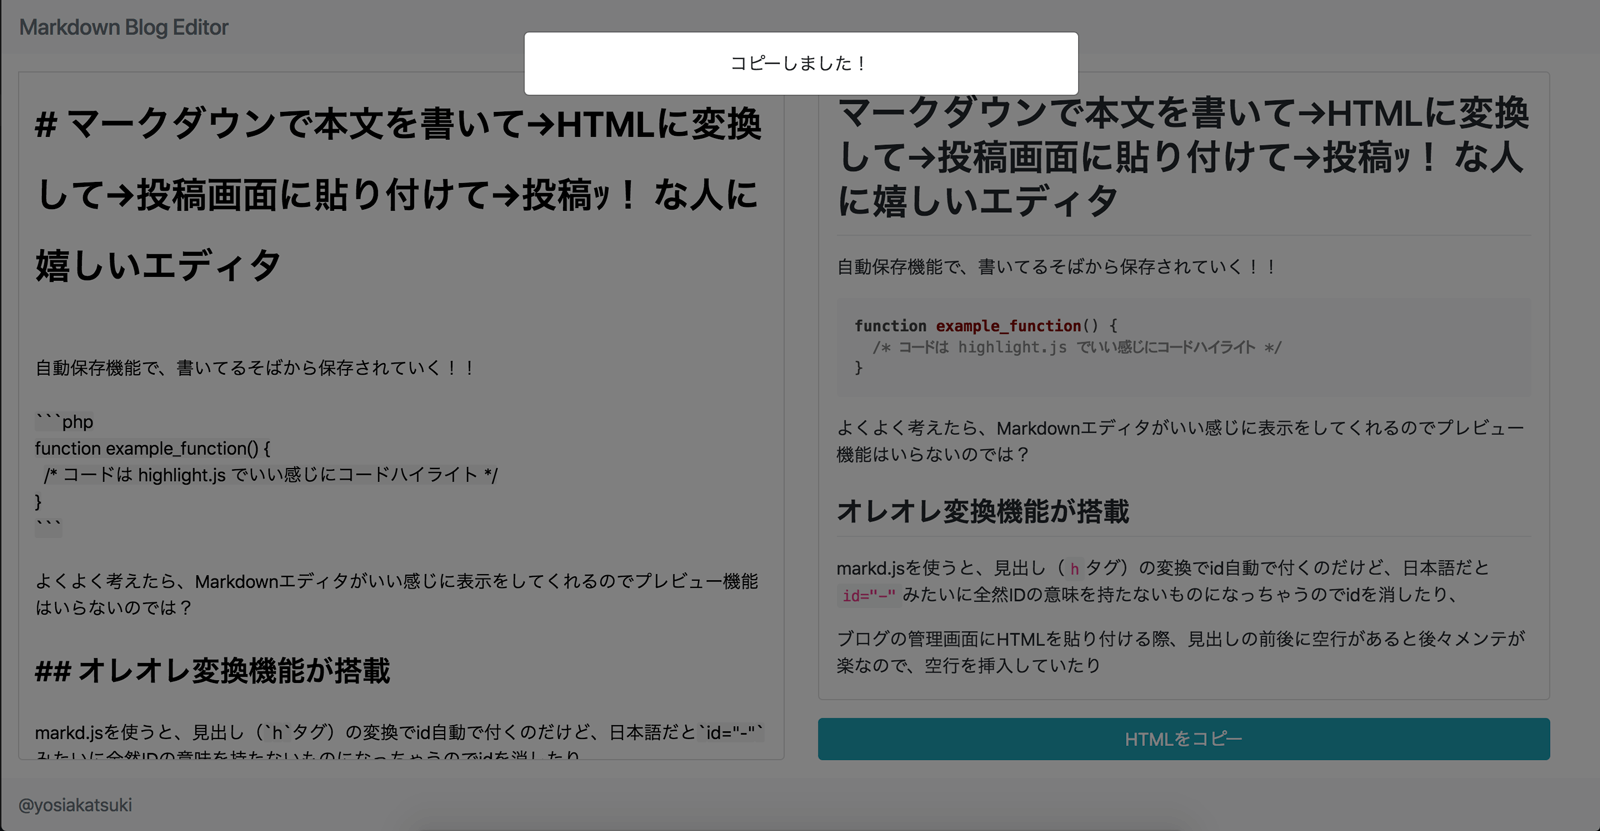 変換後のHTMLをクリップボードにコピーできます